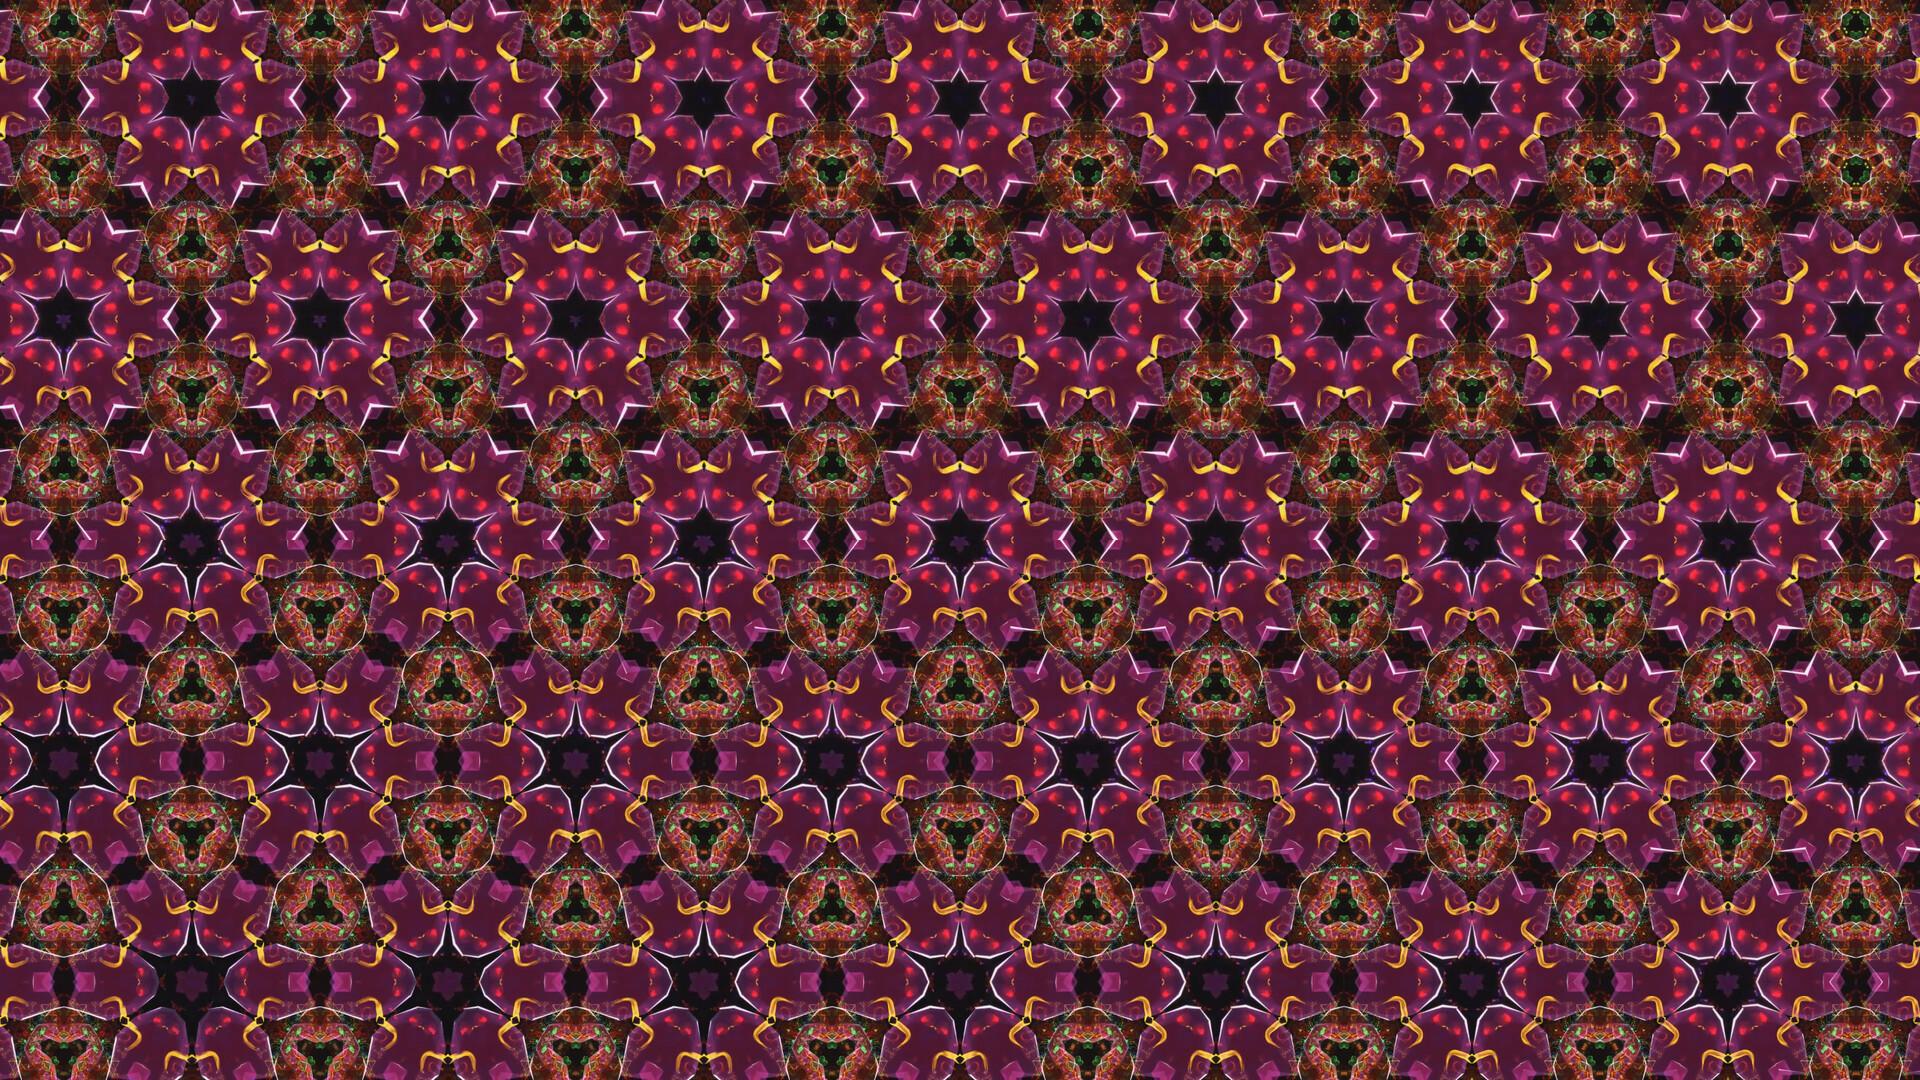 Screenshot taken from the Hallucinogen Project  www.naturalwarp.com © 2020